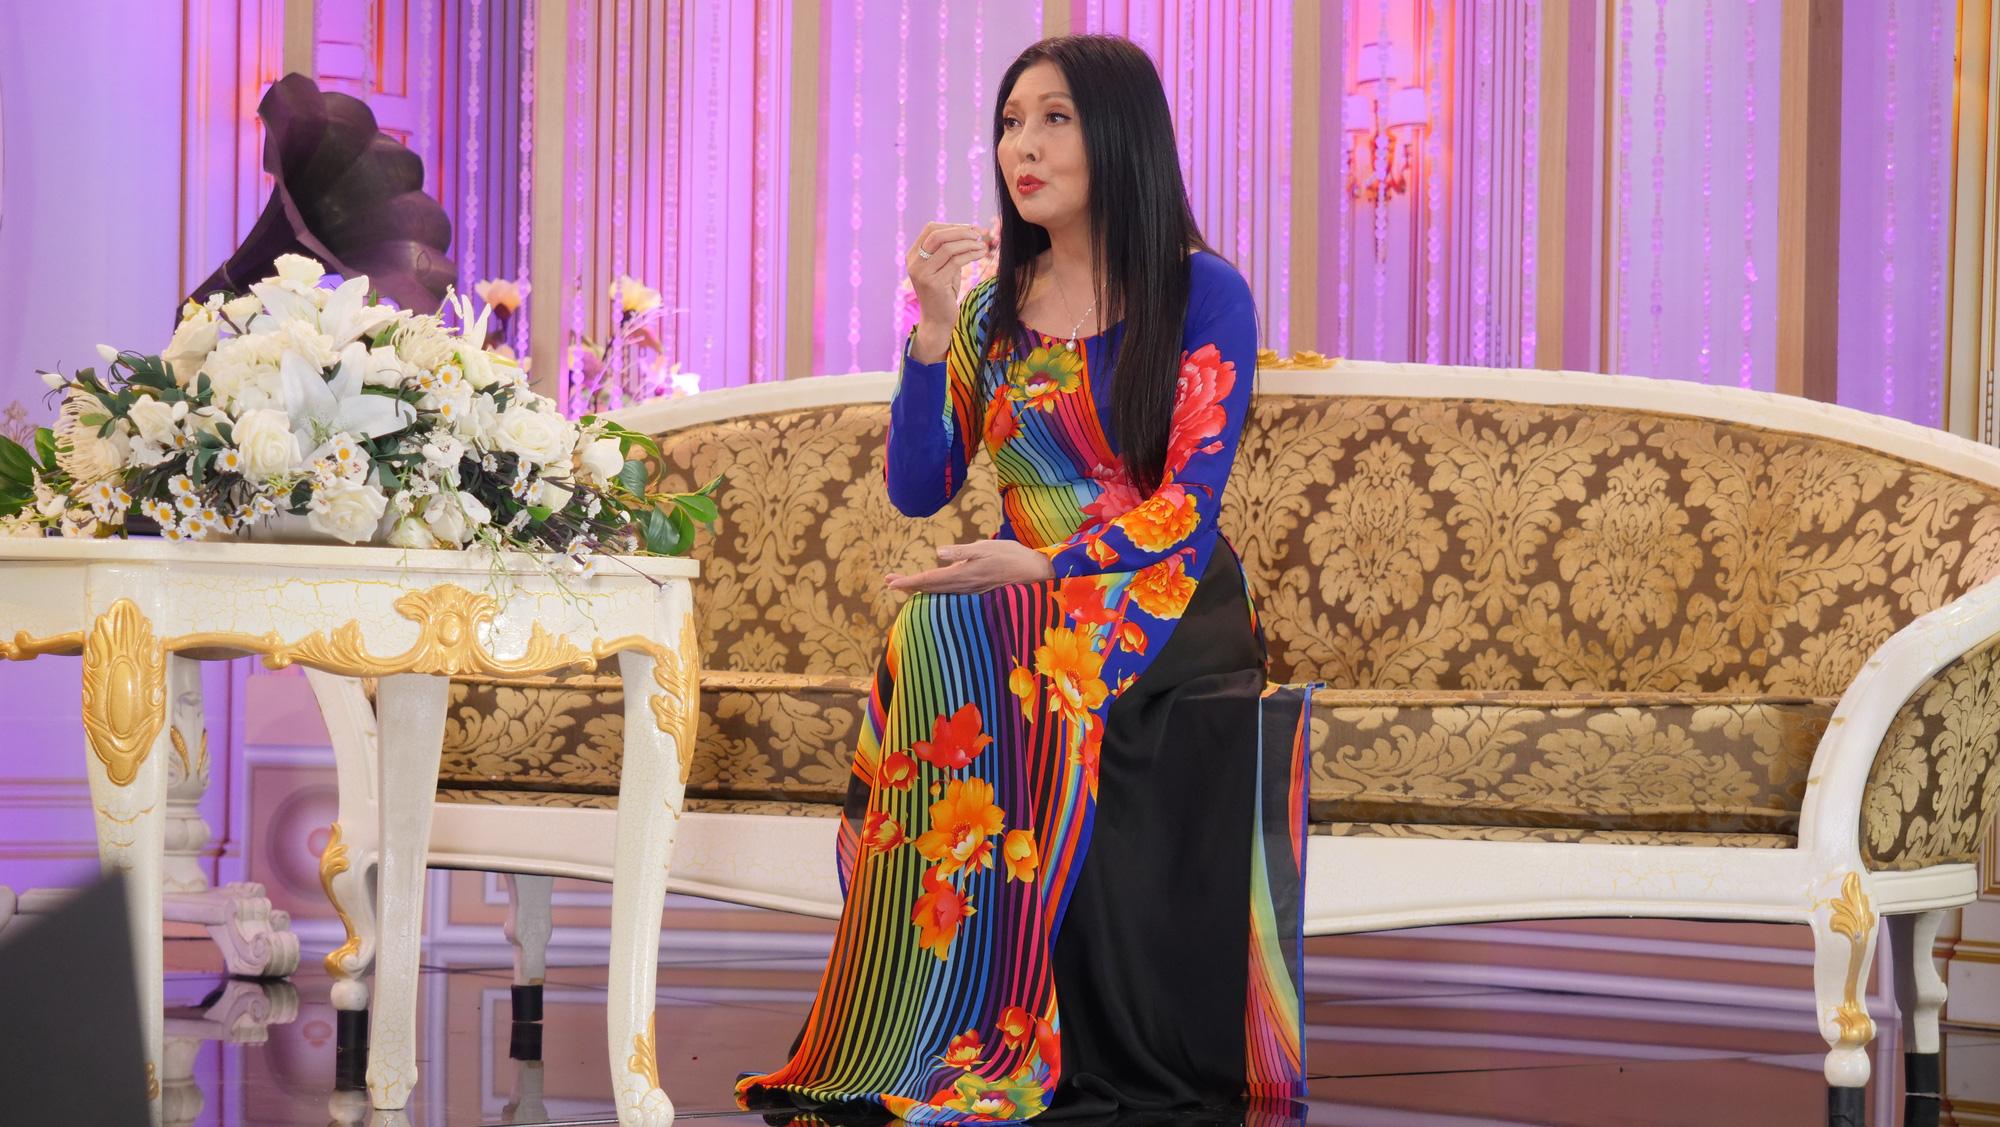 Bị mẹ cấm cản tình yêu, danh ca Phương Dung từng đến tu viện ở Quy Nhơn xin đi tu  - Ảnh 4.